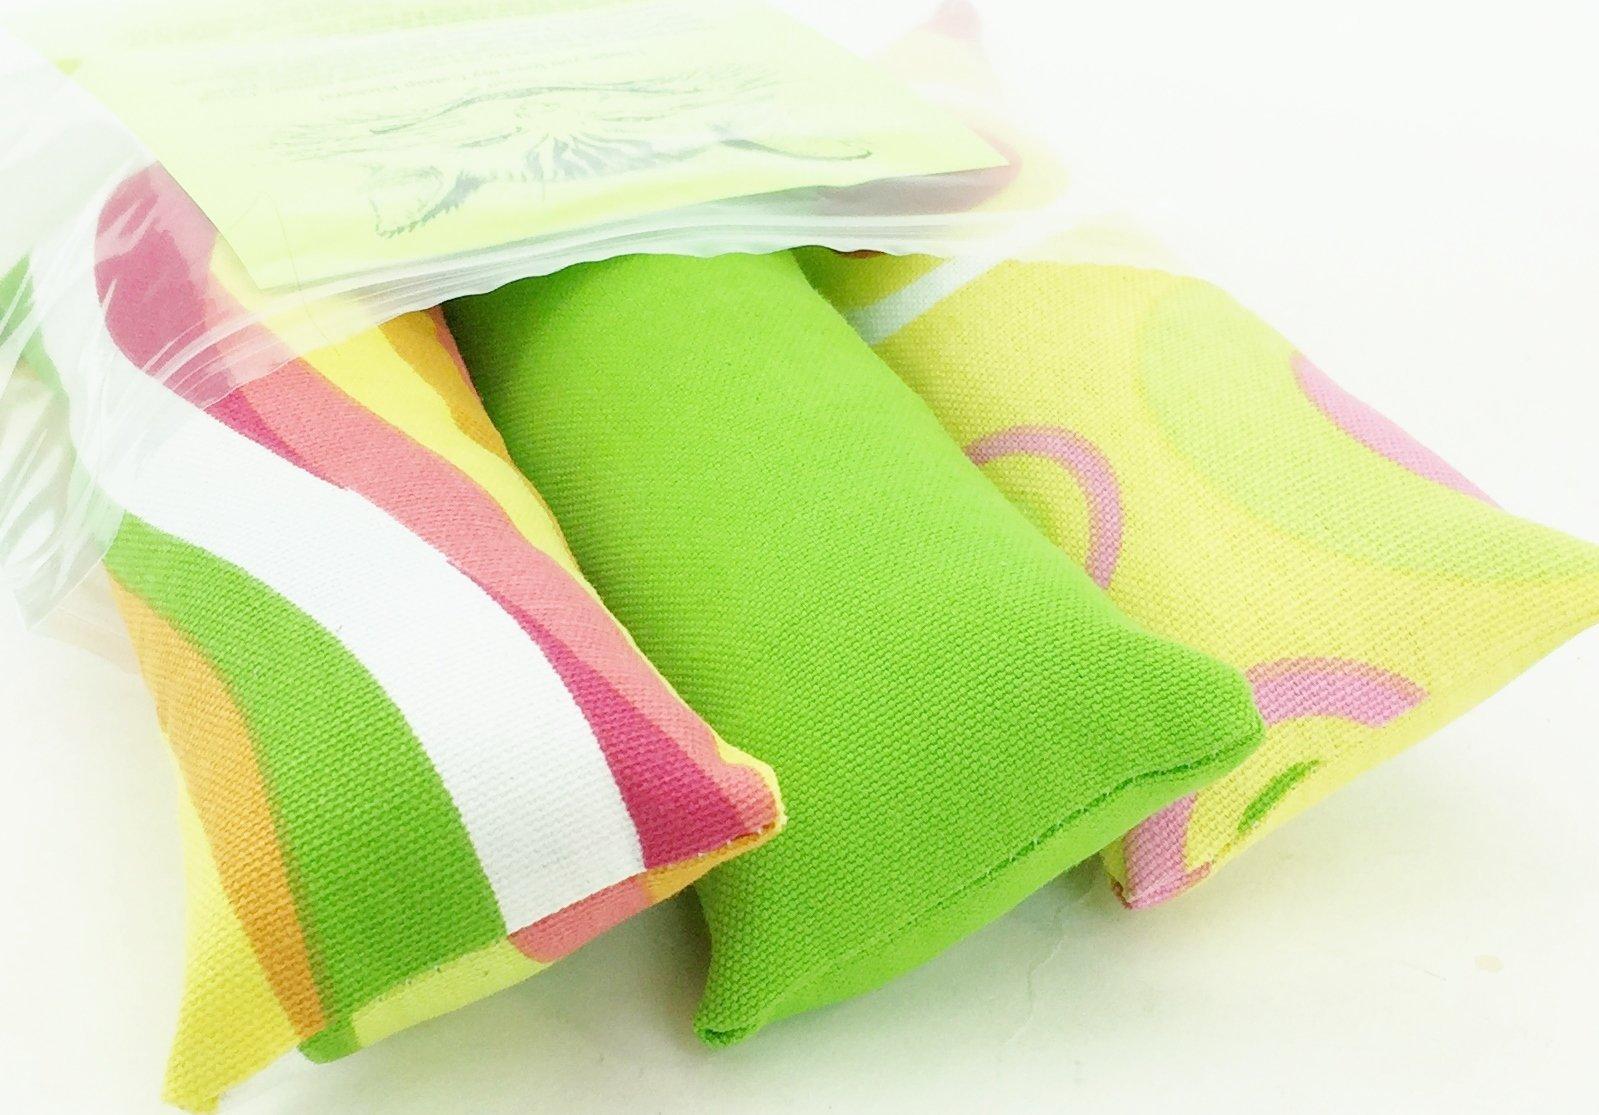 Spring Cat Toy Catnip Kickers 3 PACK organic catnip Green Yellow Pink Orange White designer home decor weight cotton fabric